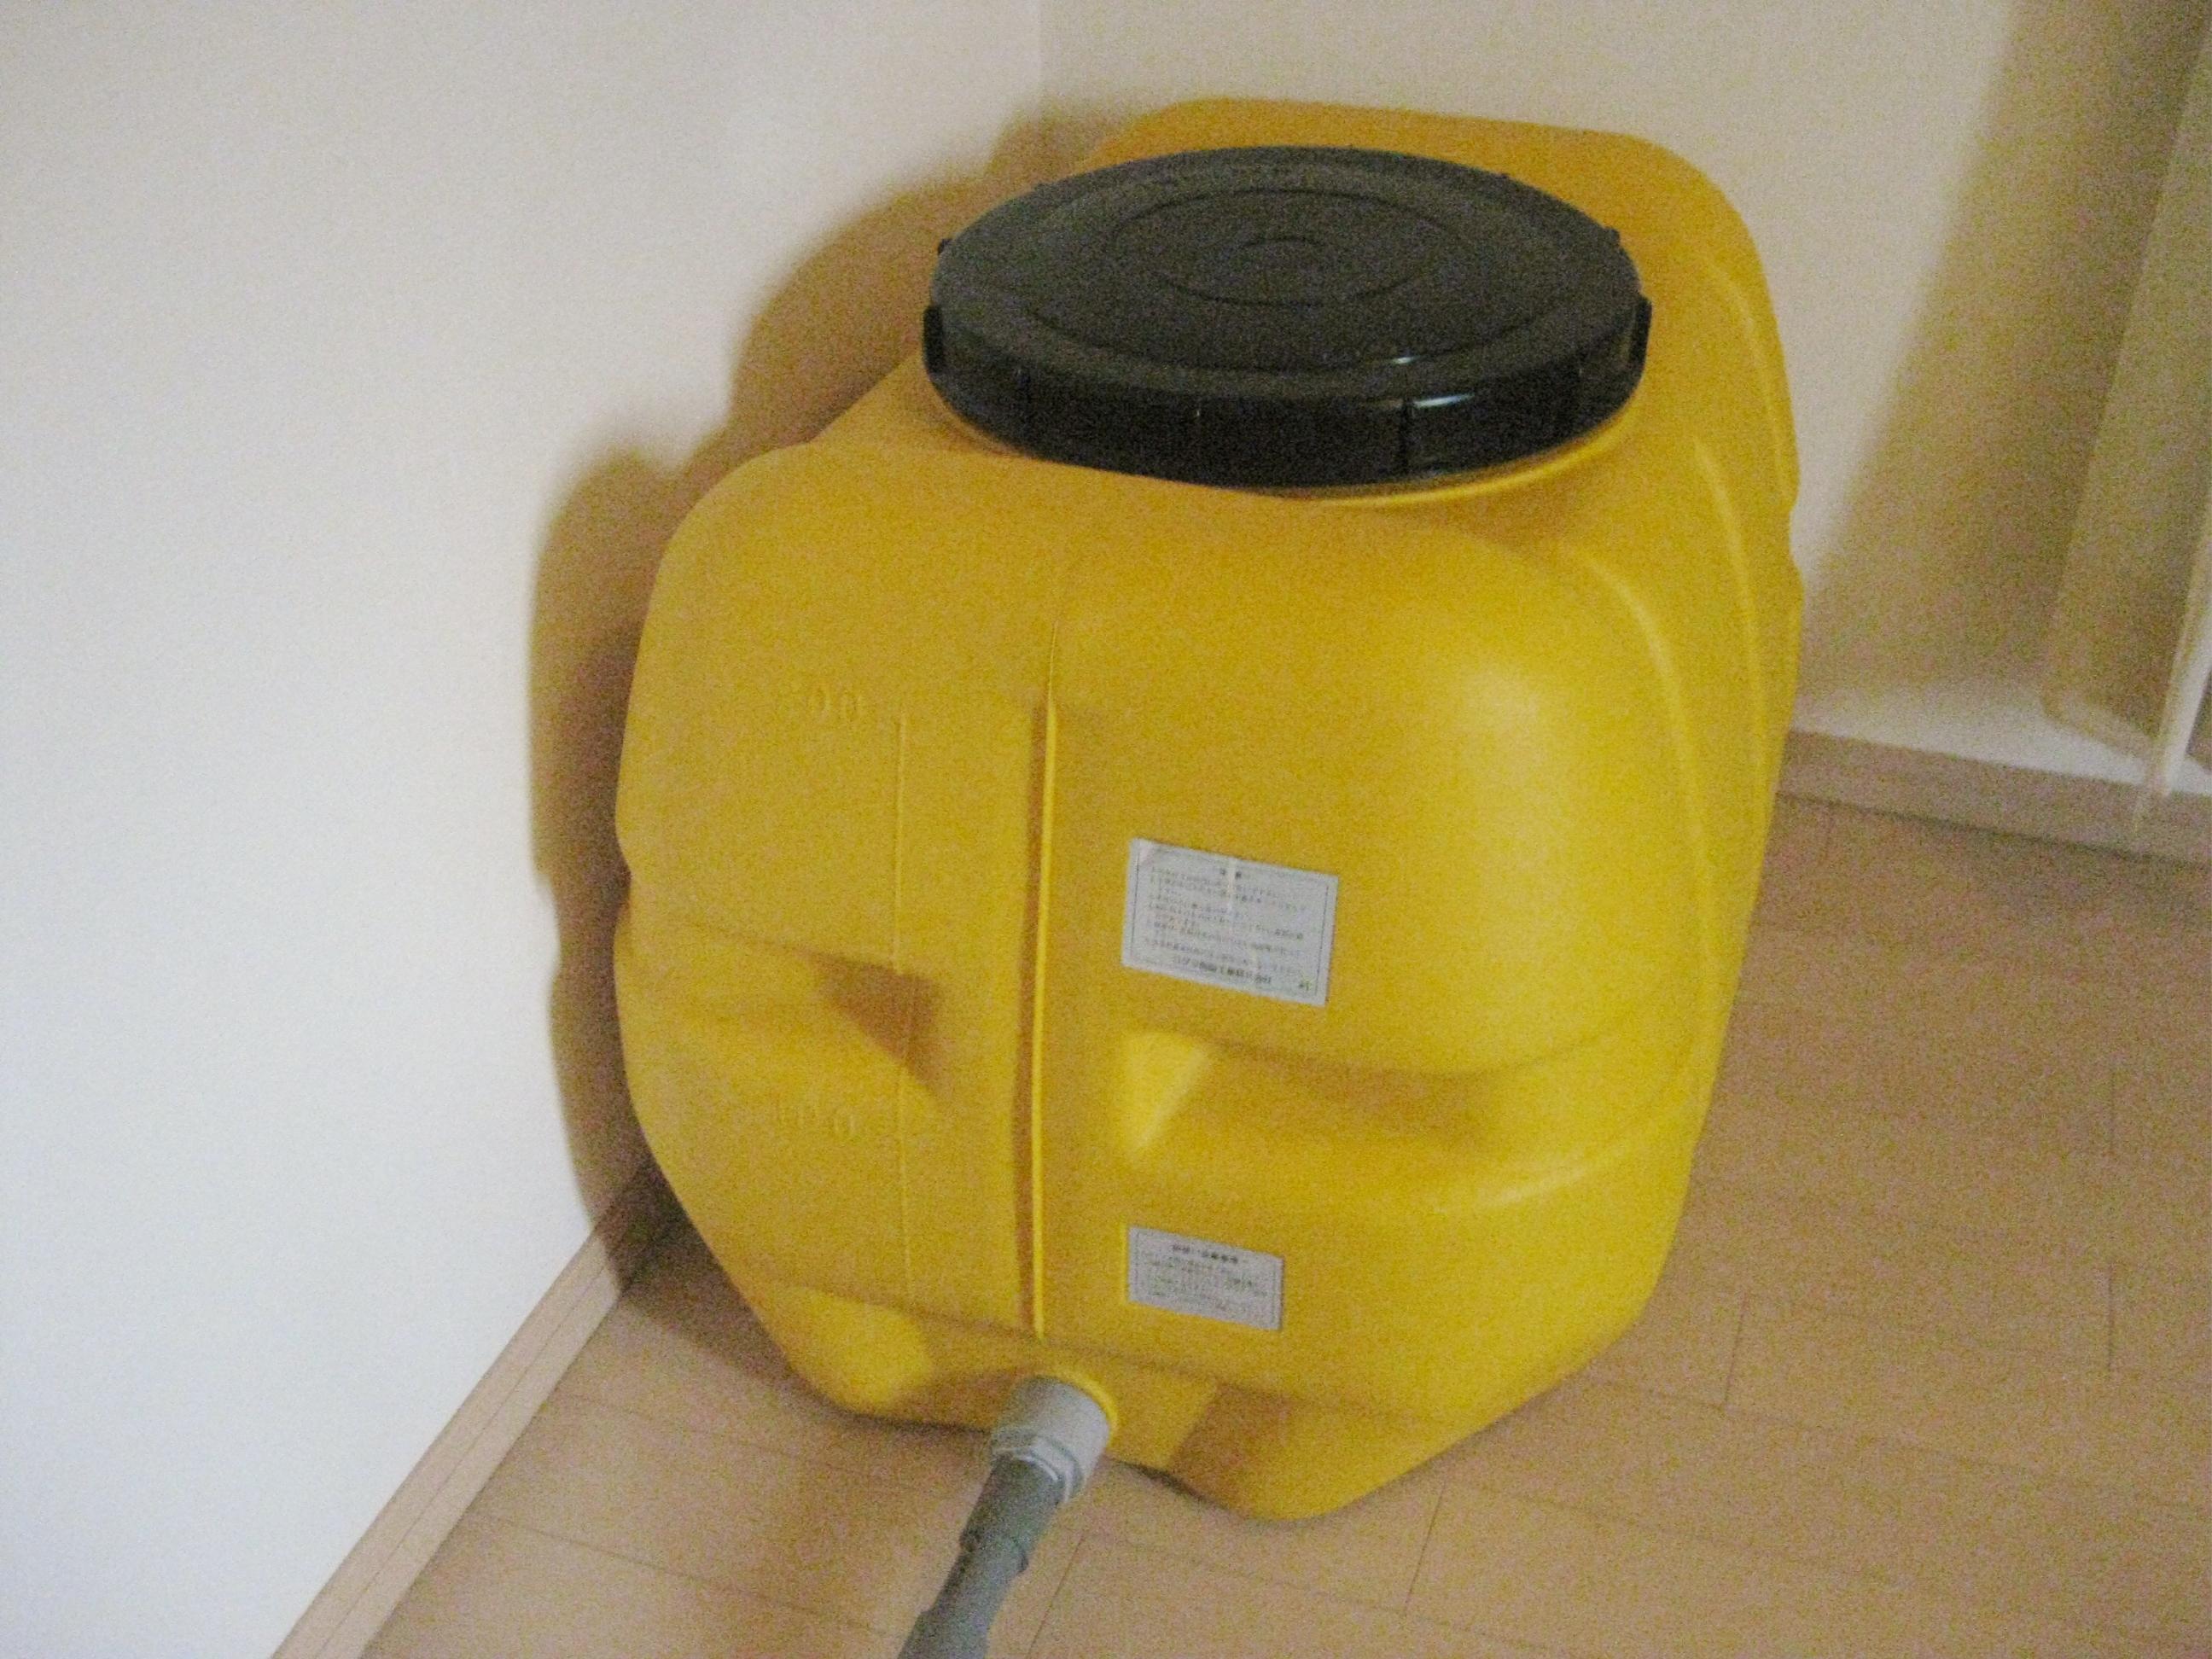 【暖房効果大】風呂の残り湯を使った超巨大湯たんぽでお部屋あったか